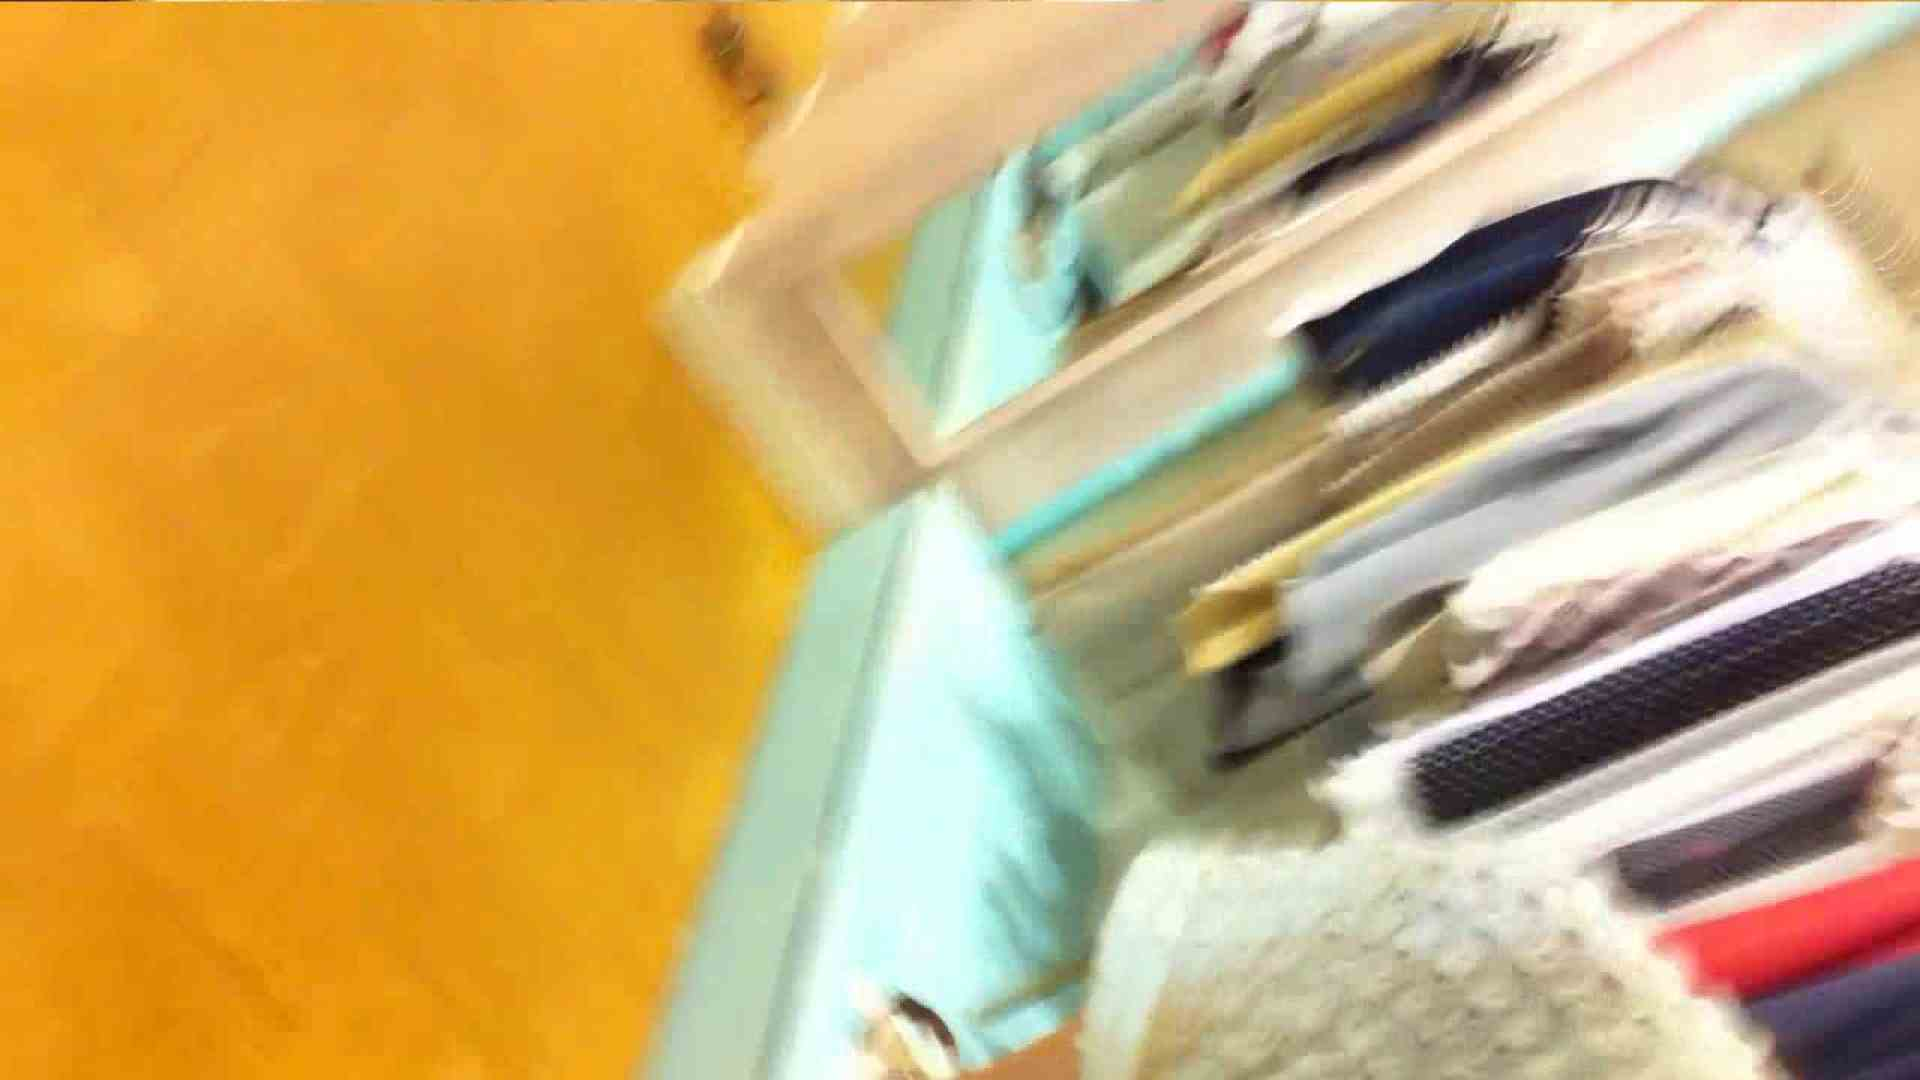 可愛いカリスマ店員限定‼胸チラ&パンチラ vol.10 パンチラのぞき オマンコ無修正動画無料 99画像 9